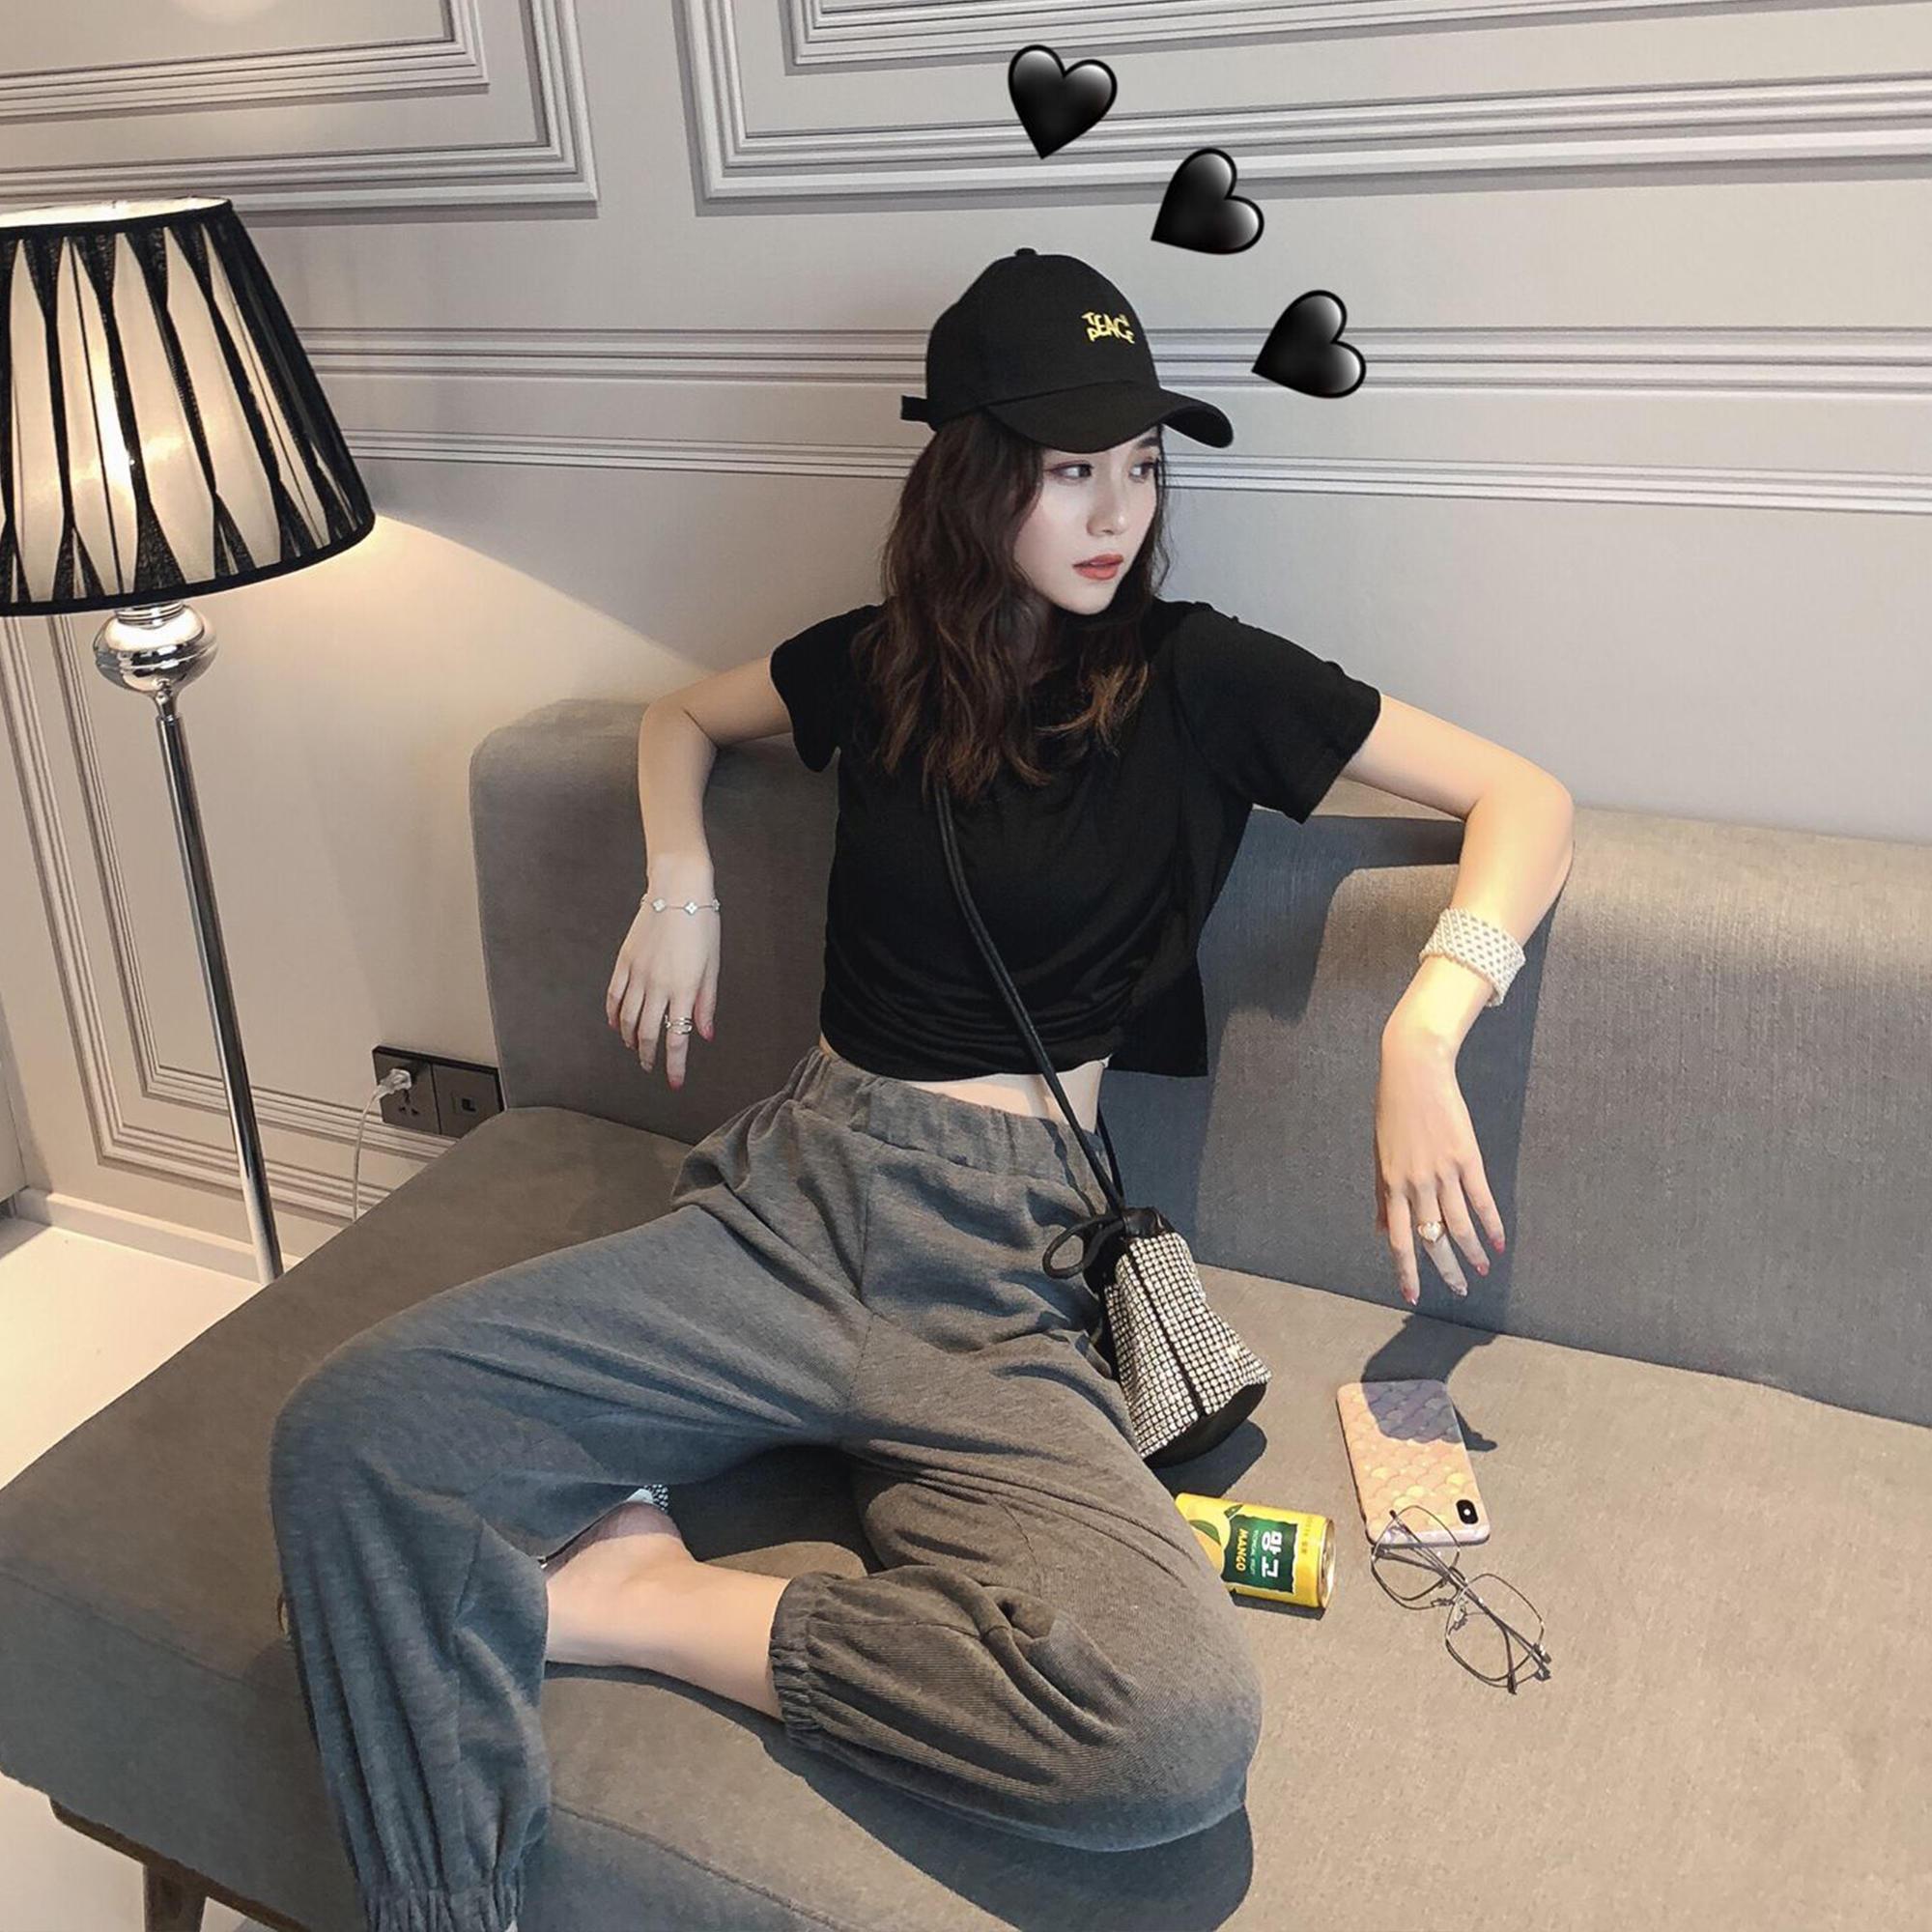 洋气露脐短袖T恤休闲套装女夏季2019新款韩版潮网红...¥89.9